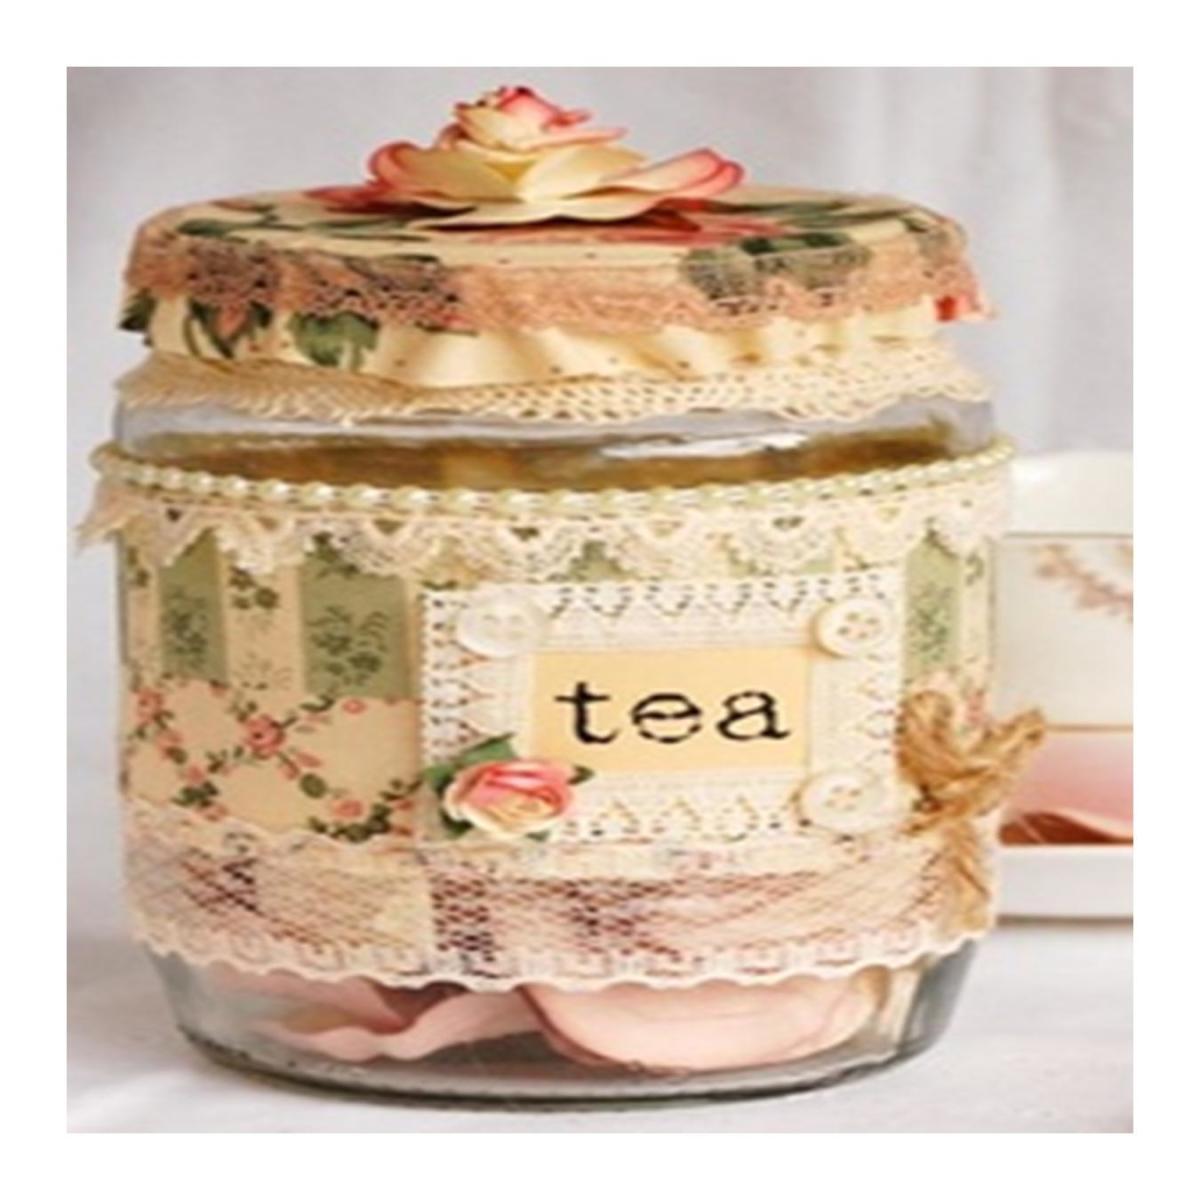 Gifts in a Jar - Tea Mixes